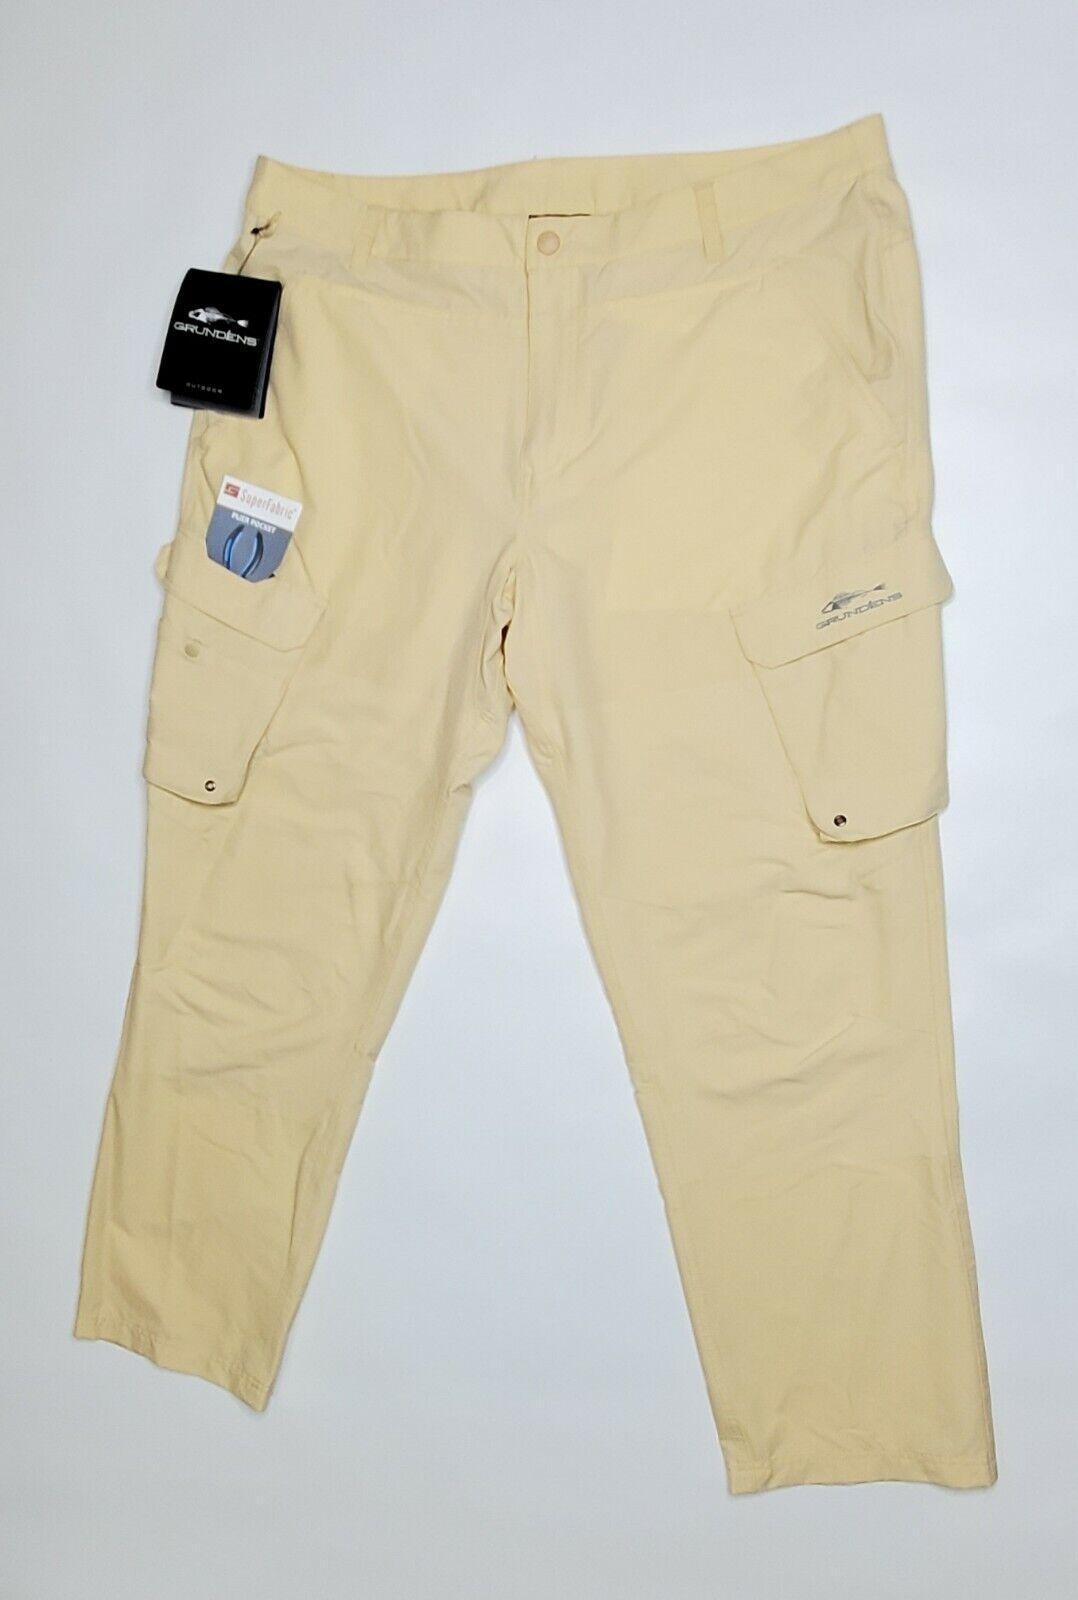 Grundens Men's  Outdoor Breakwater Fishing Pants Sandstone MSRP  90  online-shop